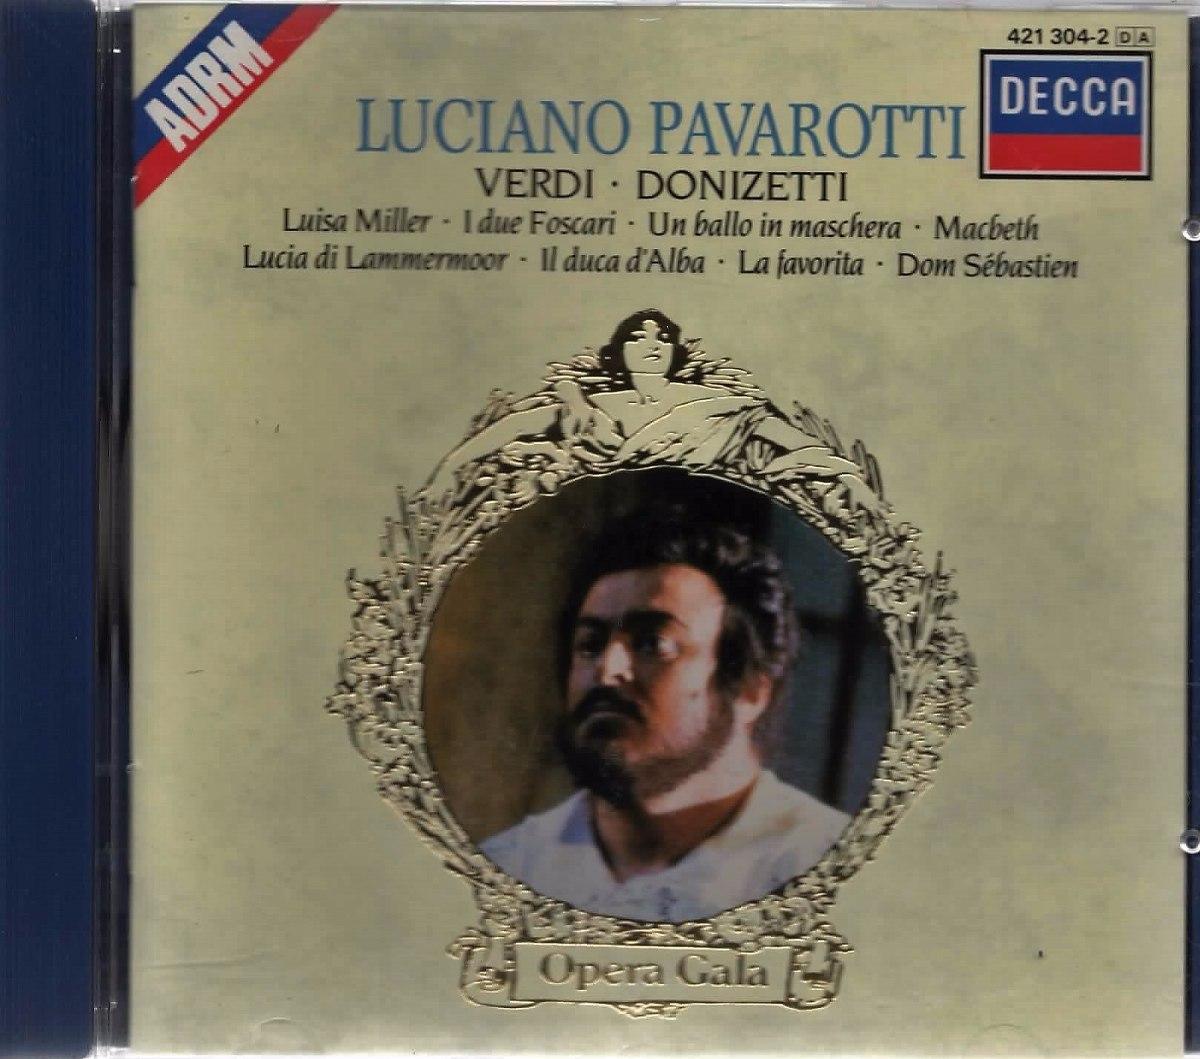 Verdi - Donizetti